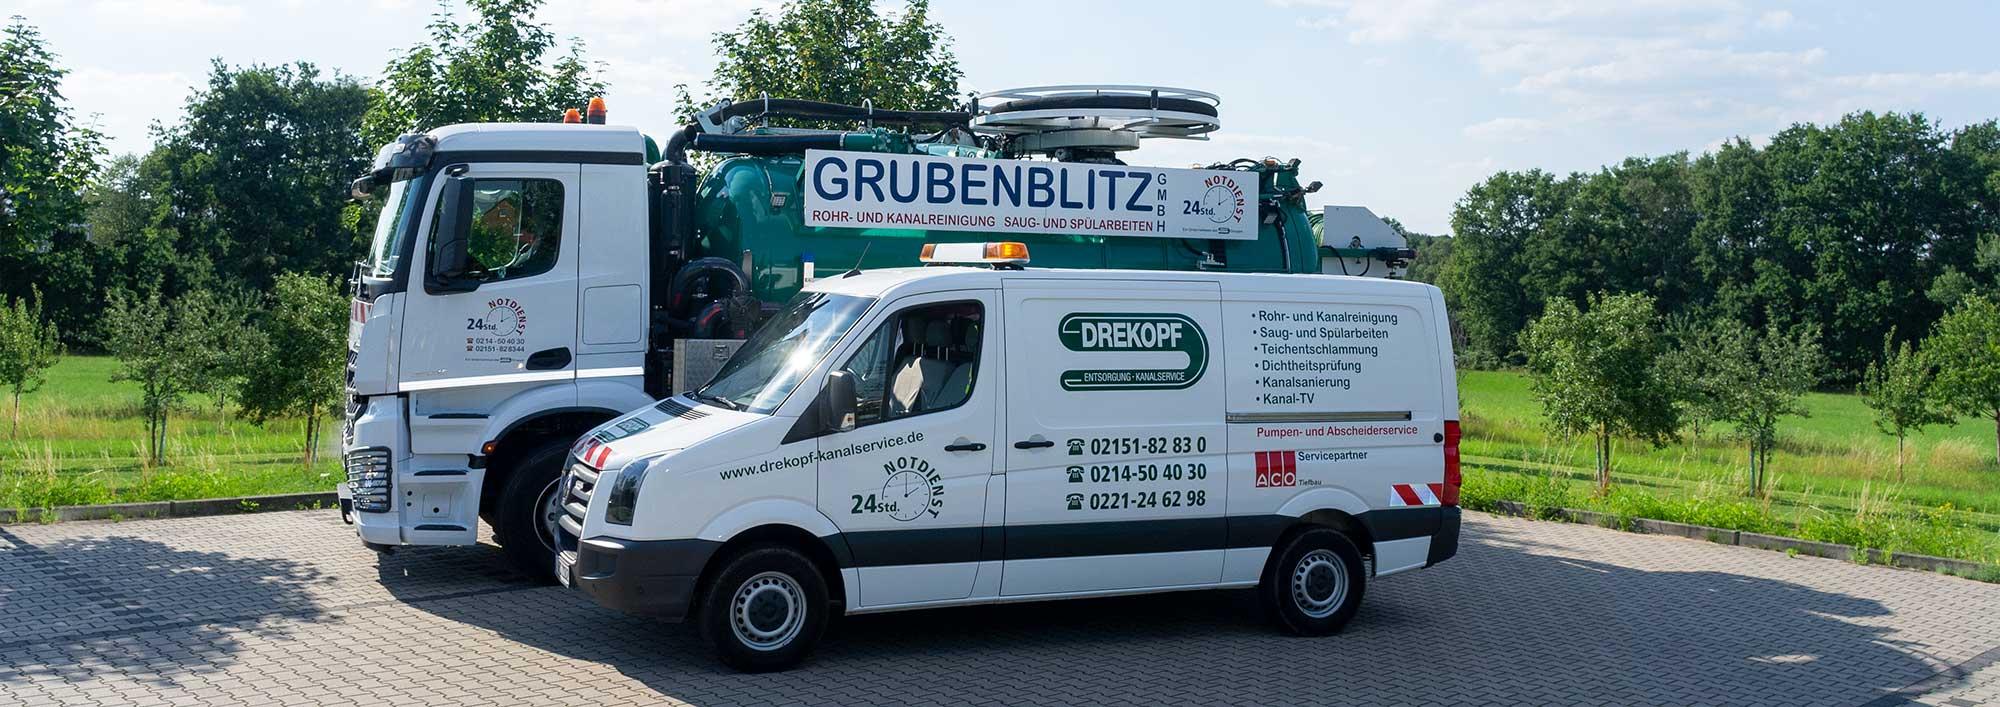 Kanalreingung Grubenblitz